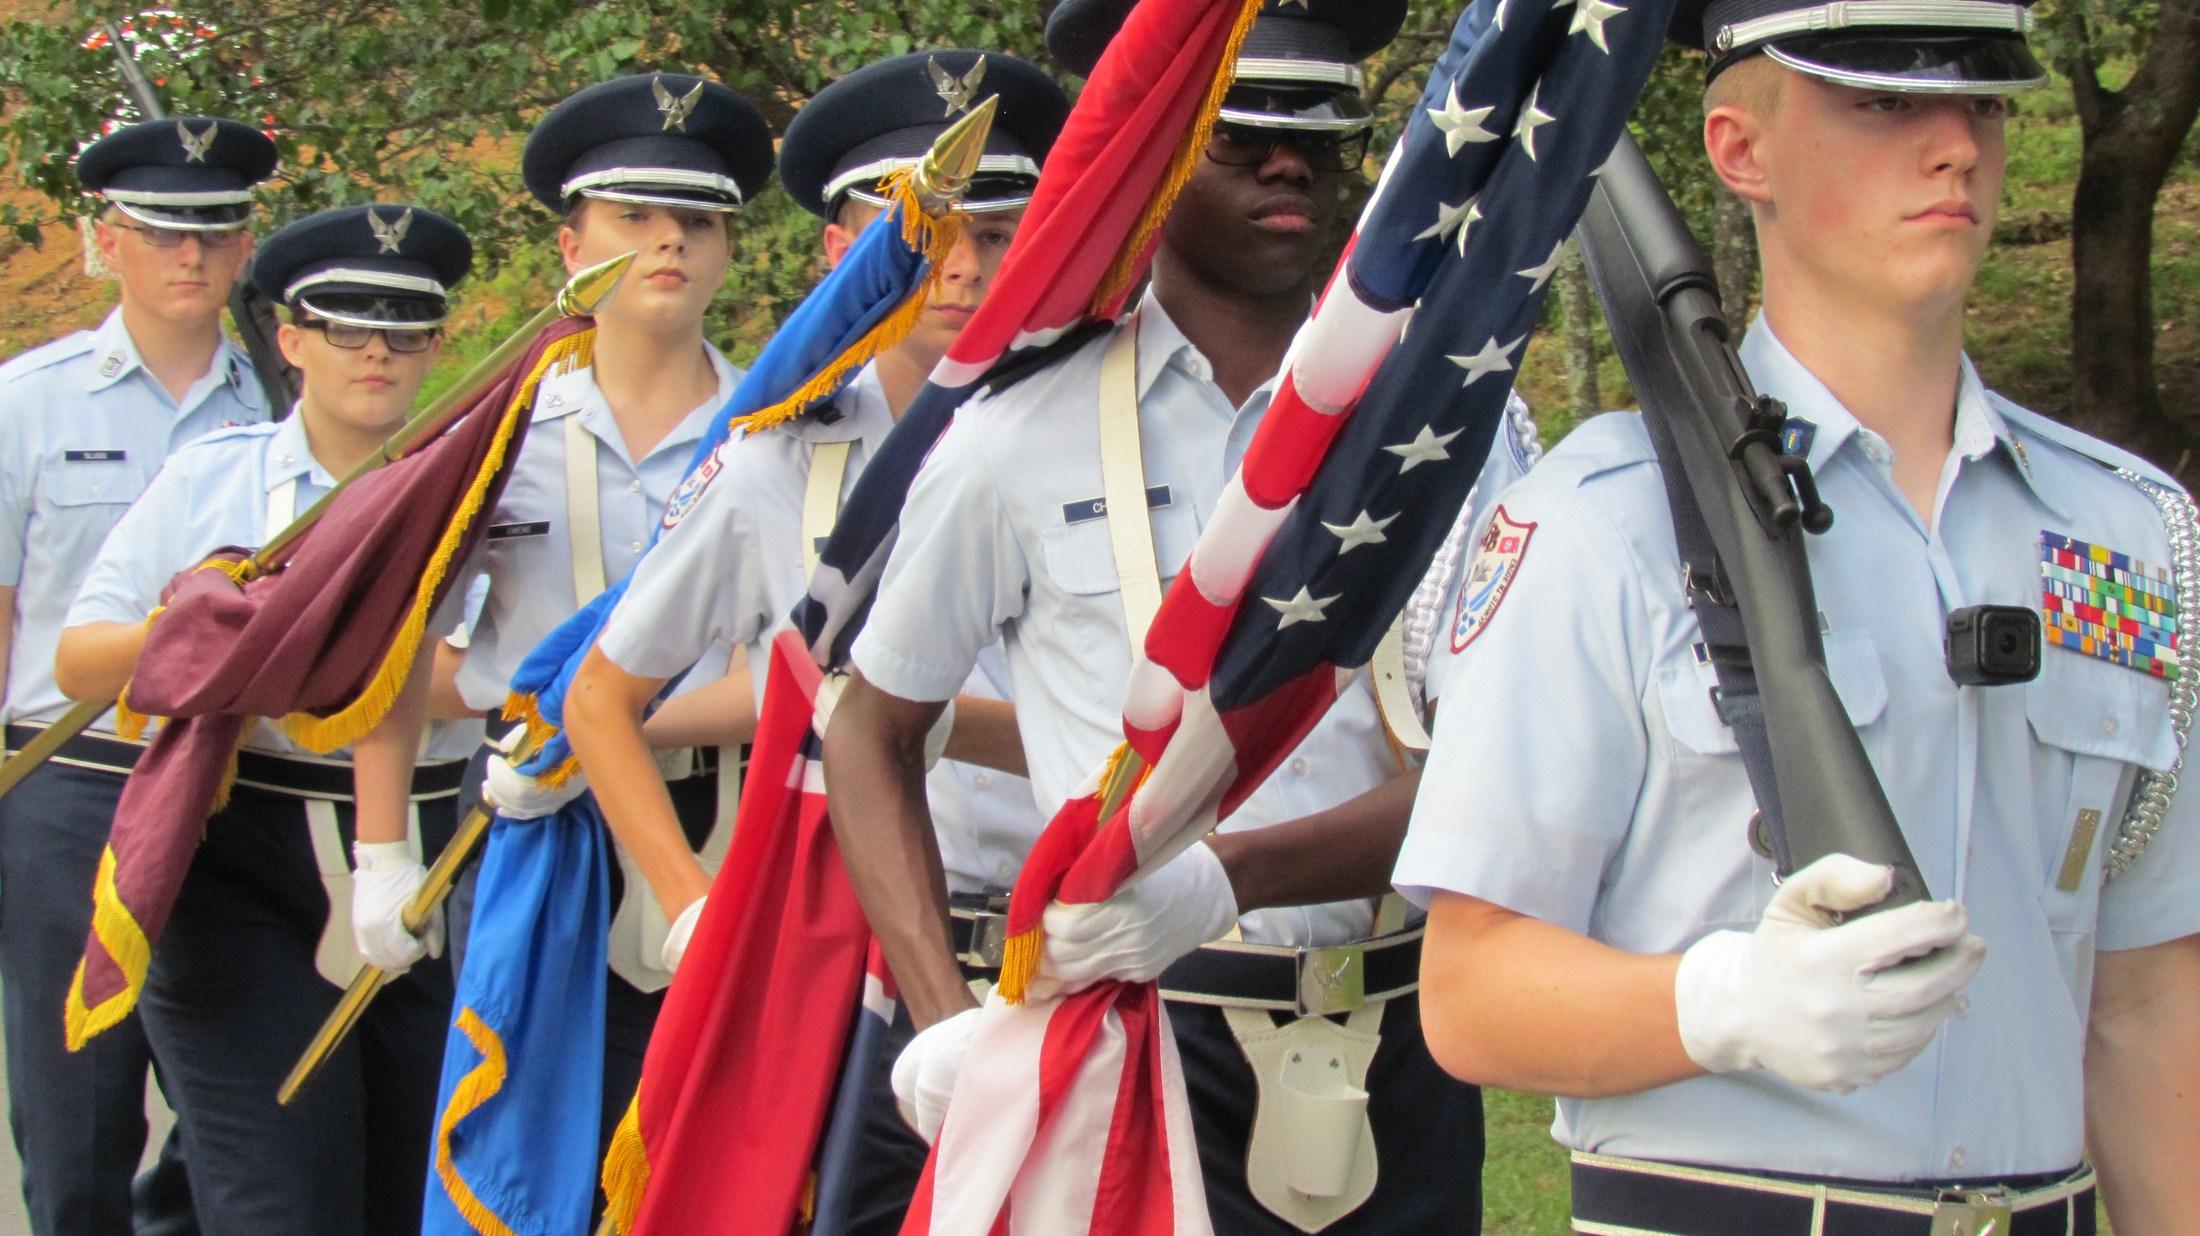 Football Color Guard